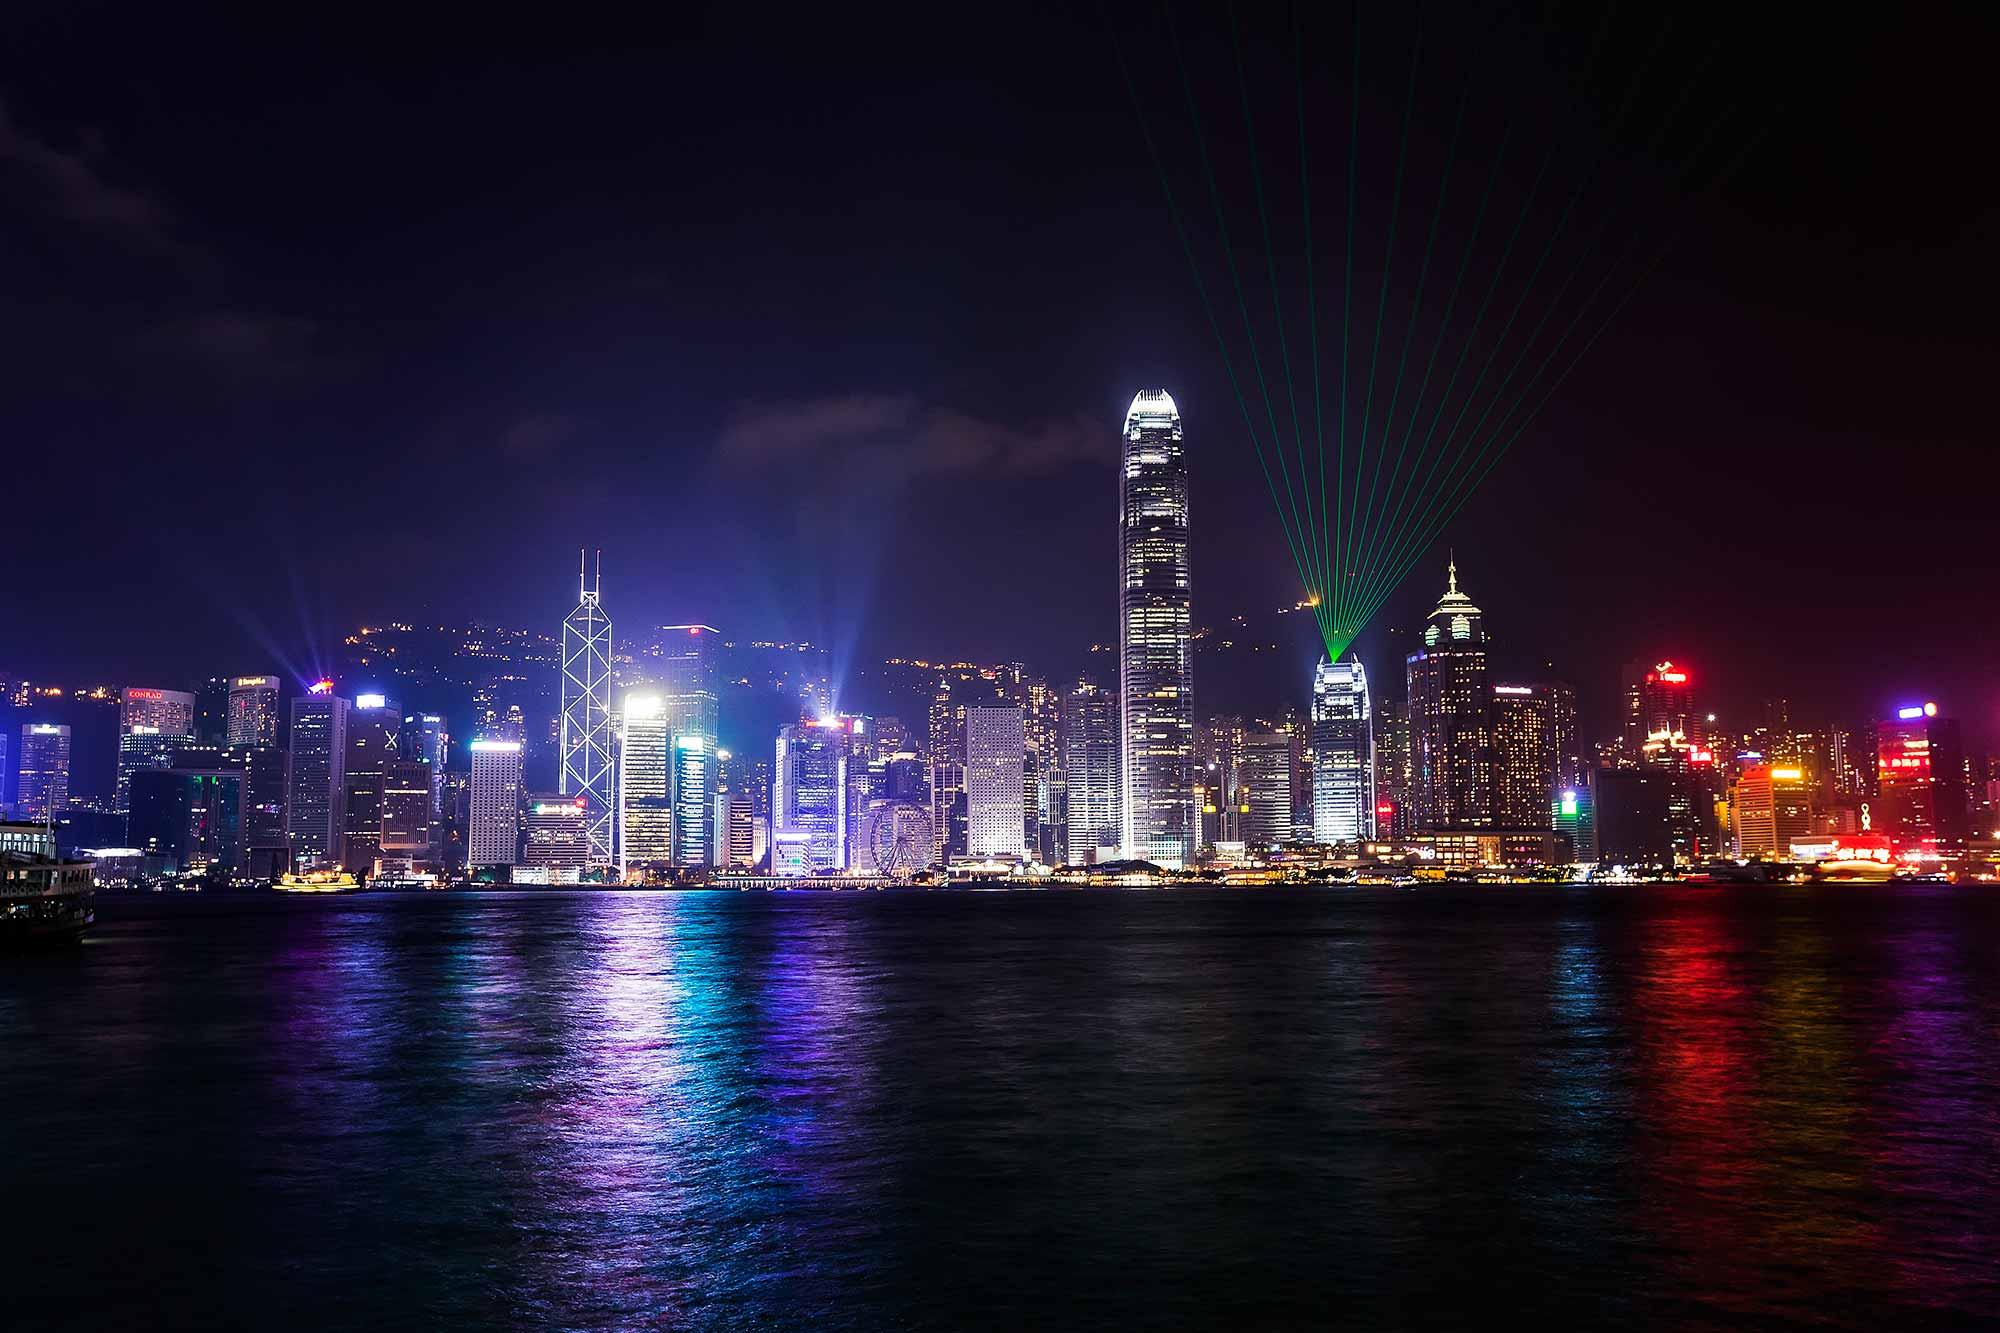 A Symphony of Lights - Hong Kong's laser show. © Ulli Maier & Nisa Maier